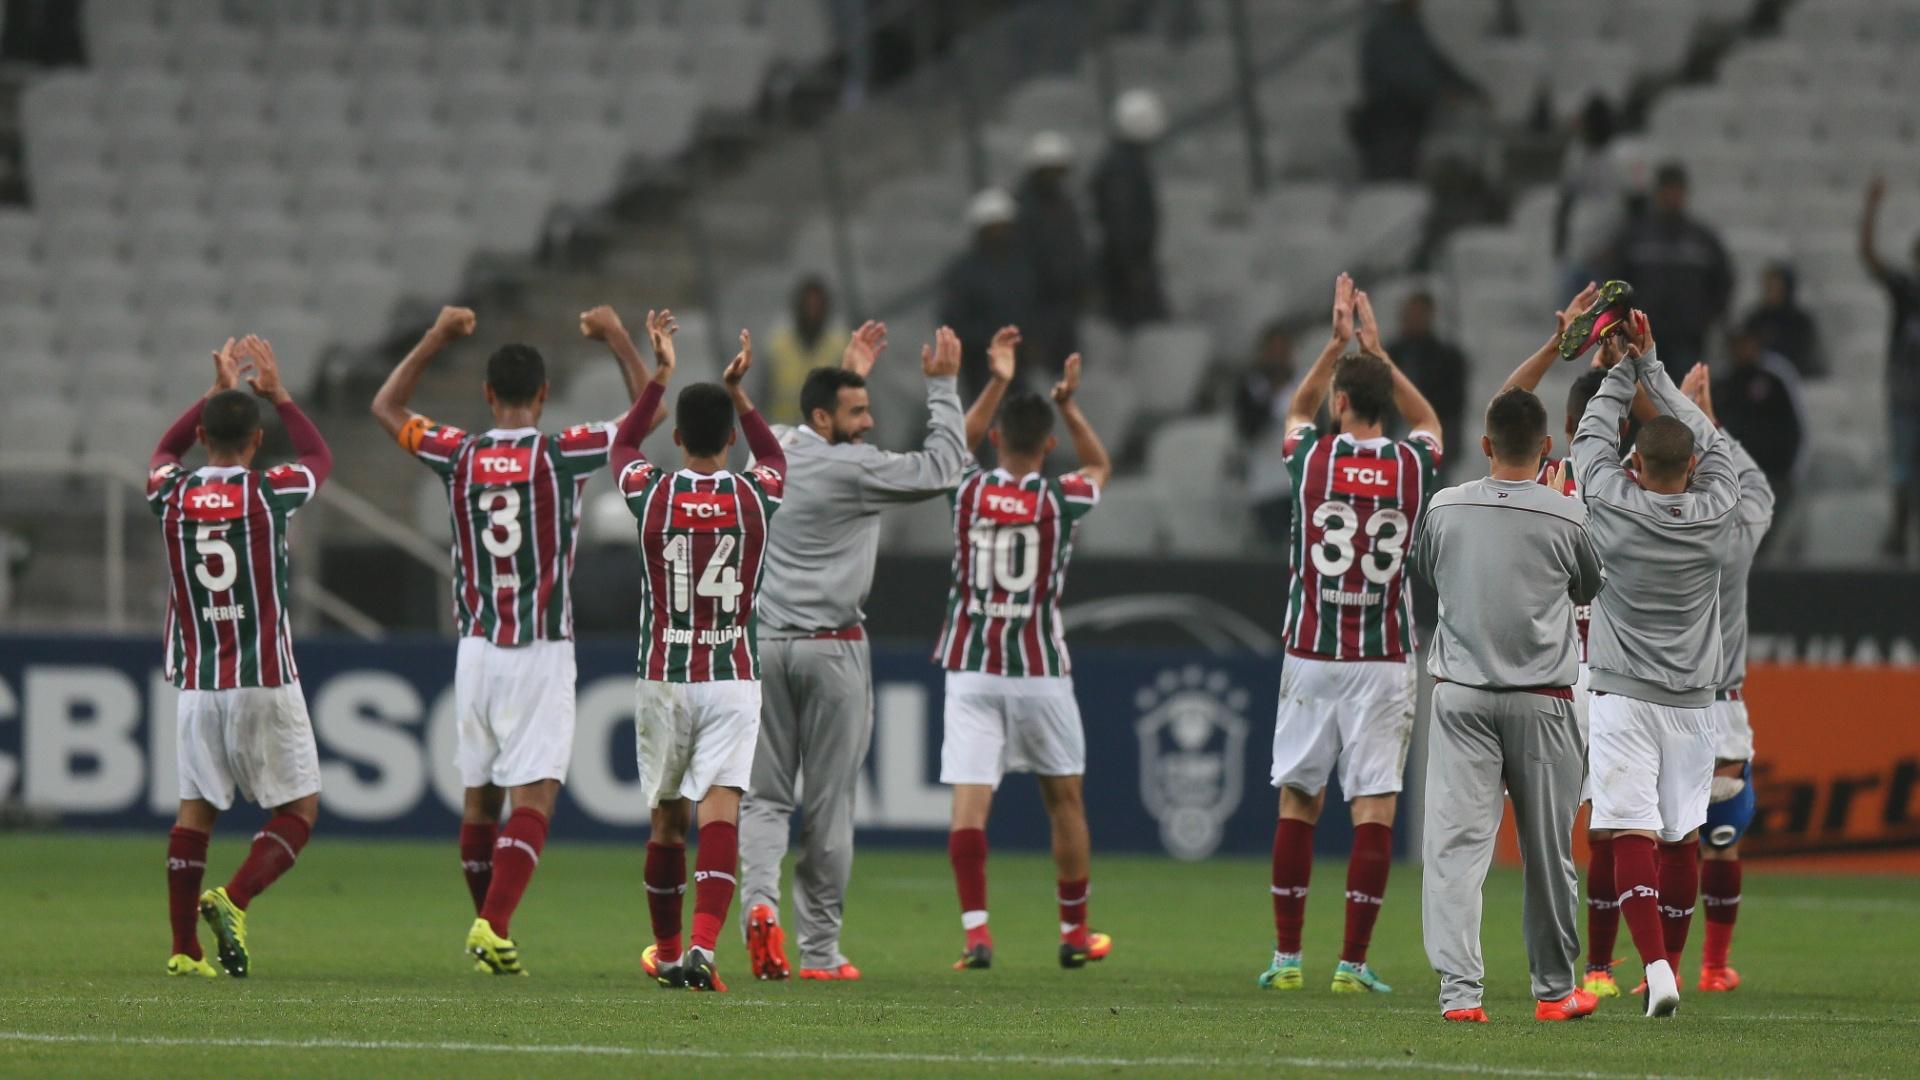 Jogadores do Fluminense comemoram vitória sobre o Corinthians em Itaquera